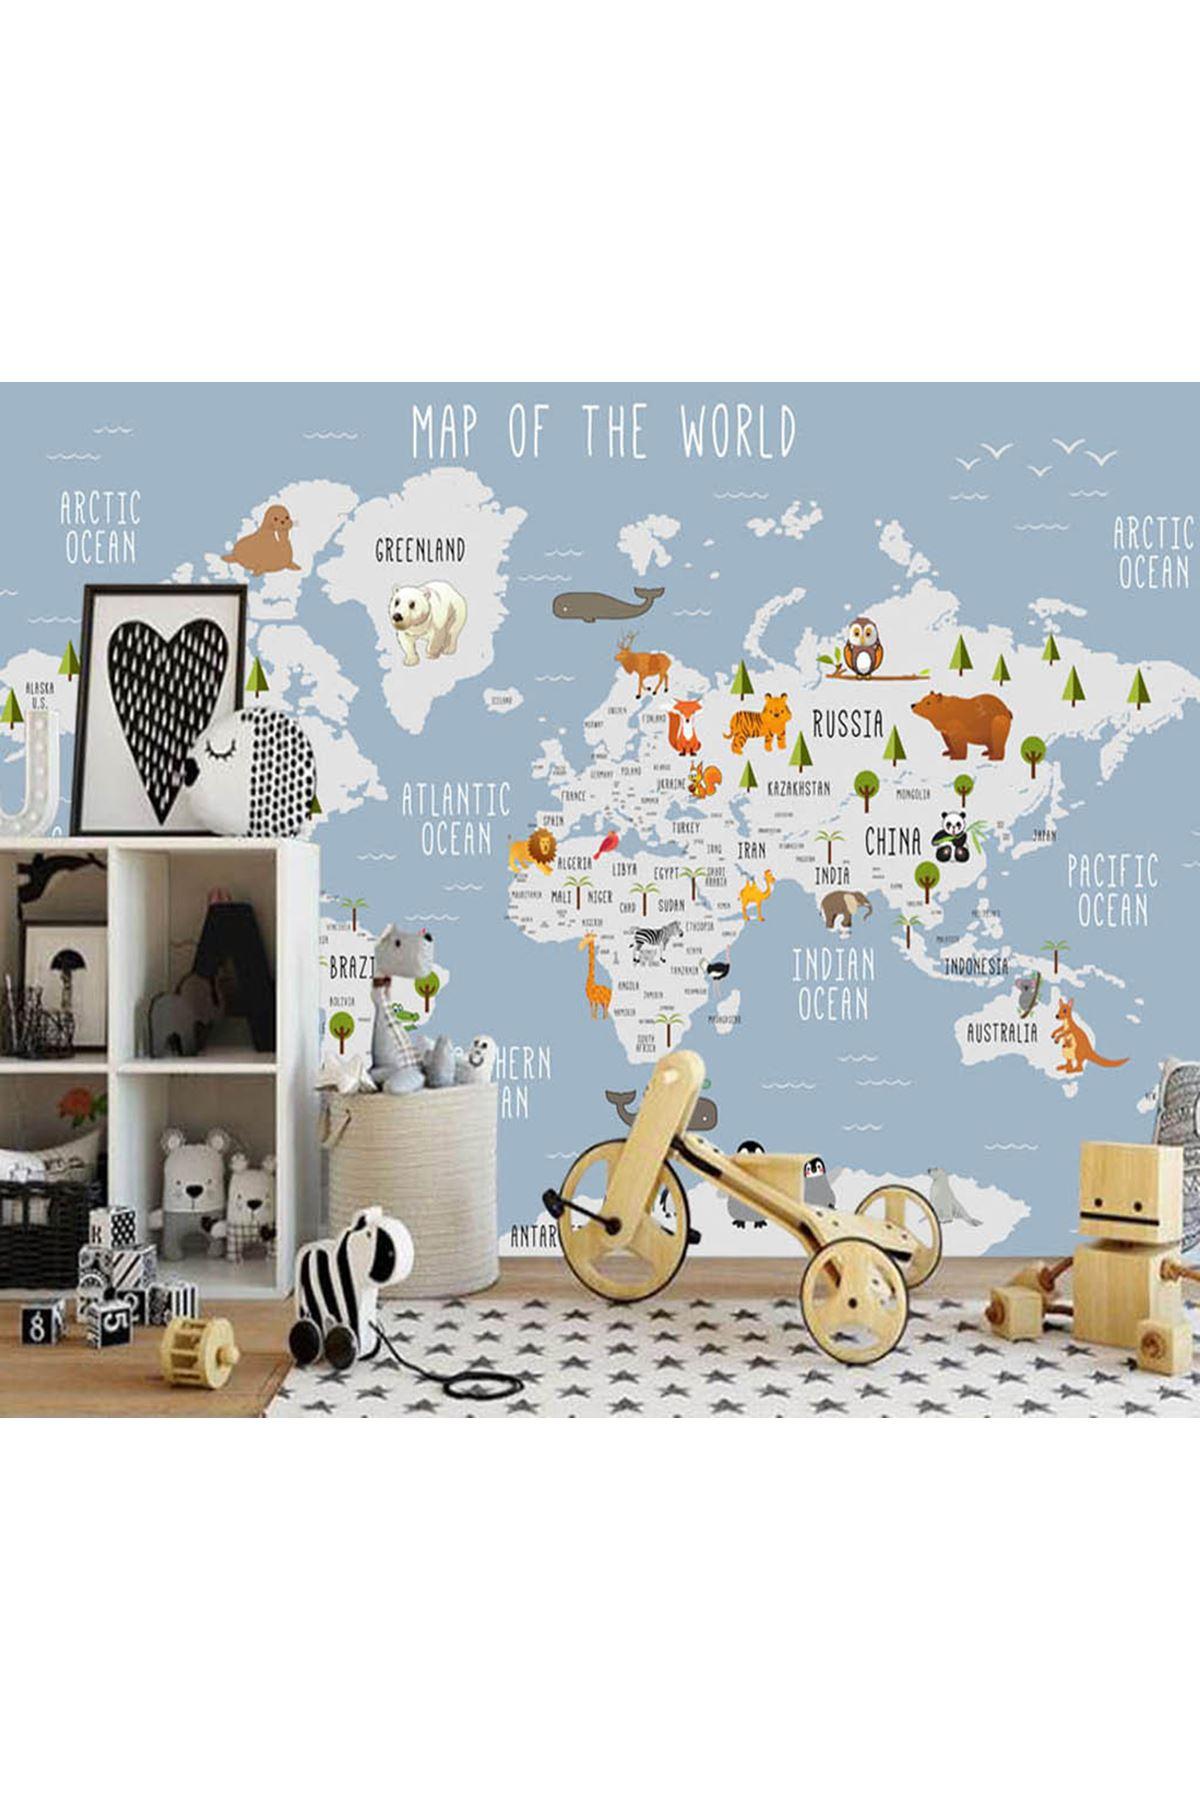 Dünya Haritası Kıtalar Çocuk Odası Duvar Kağıdı Posteri